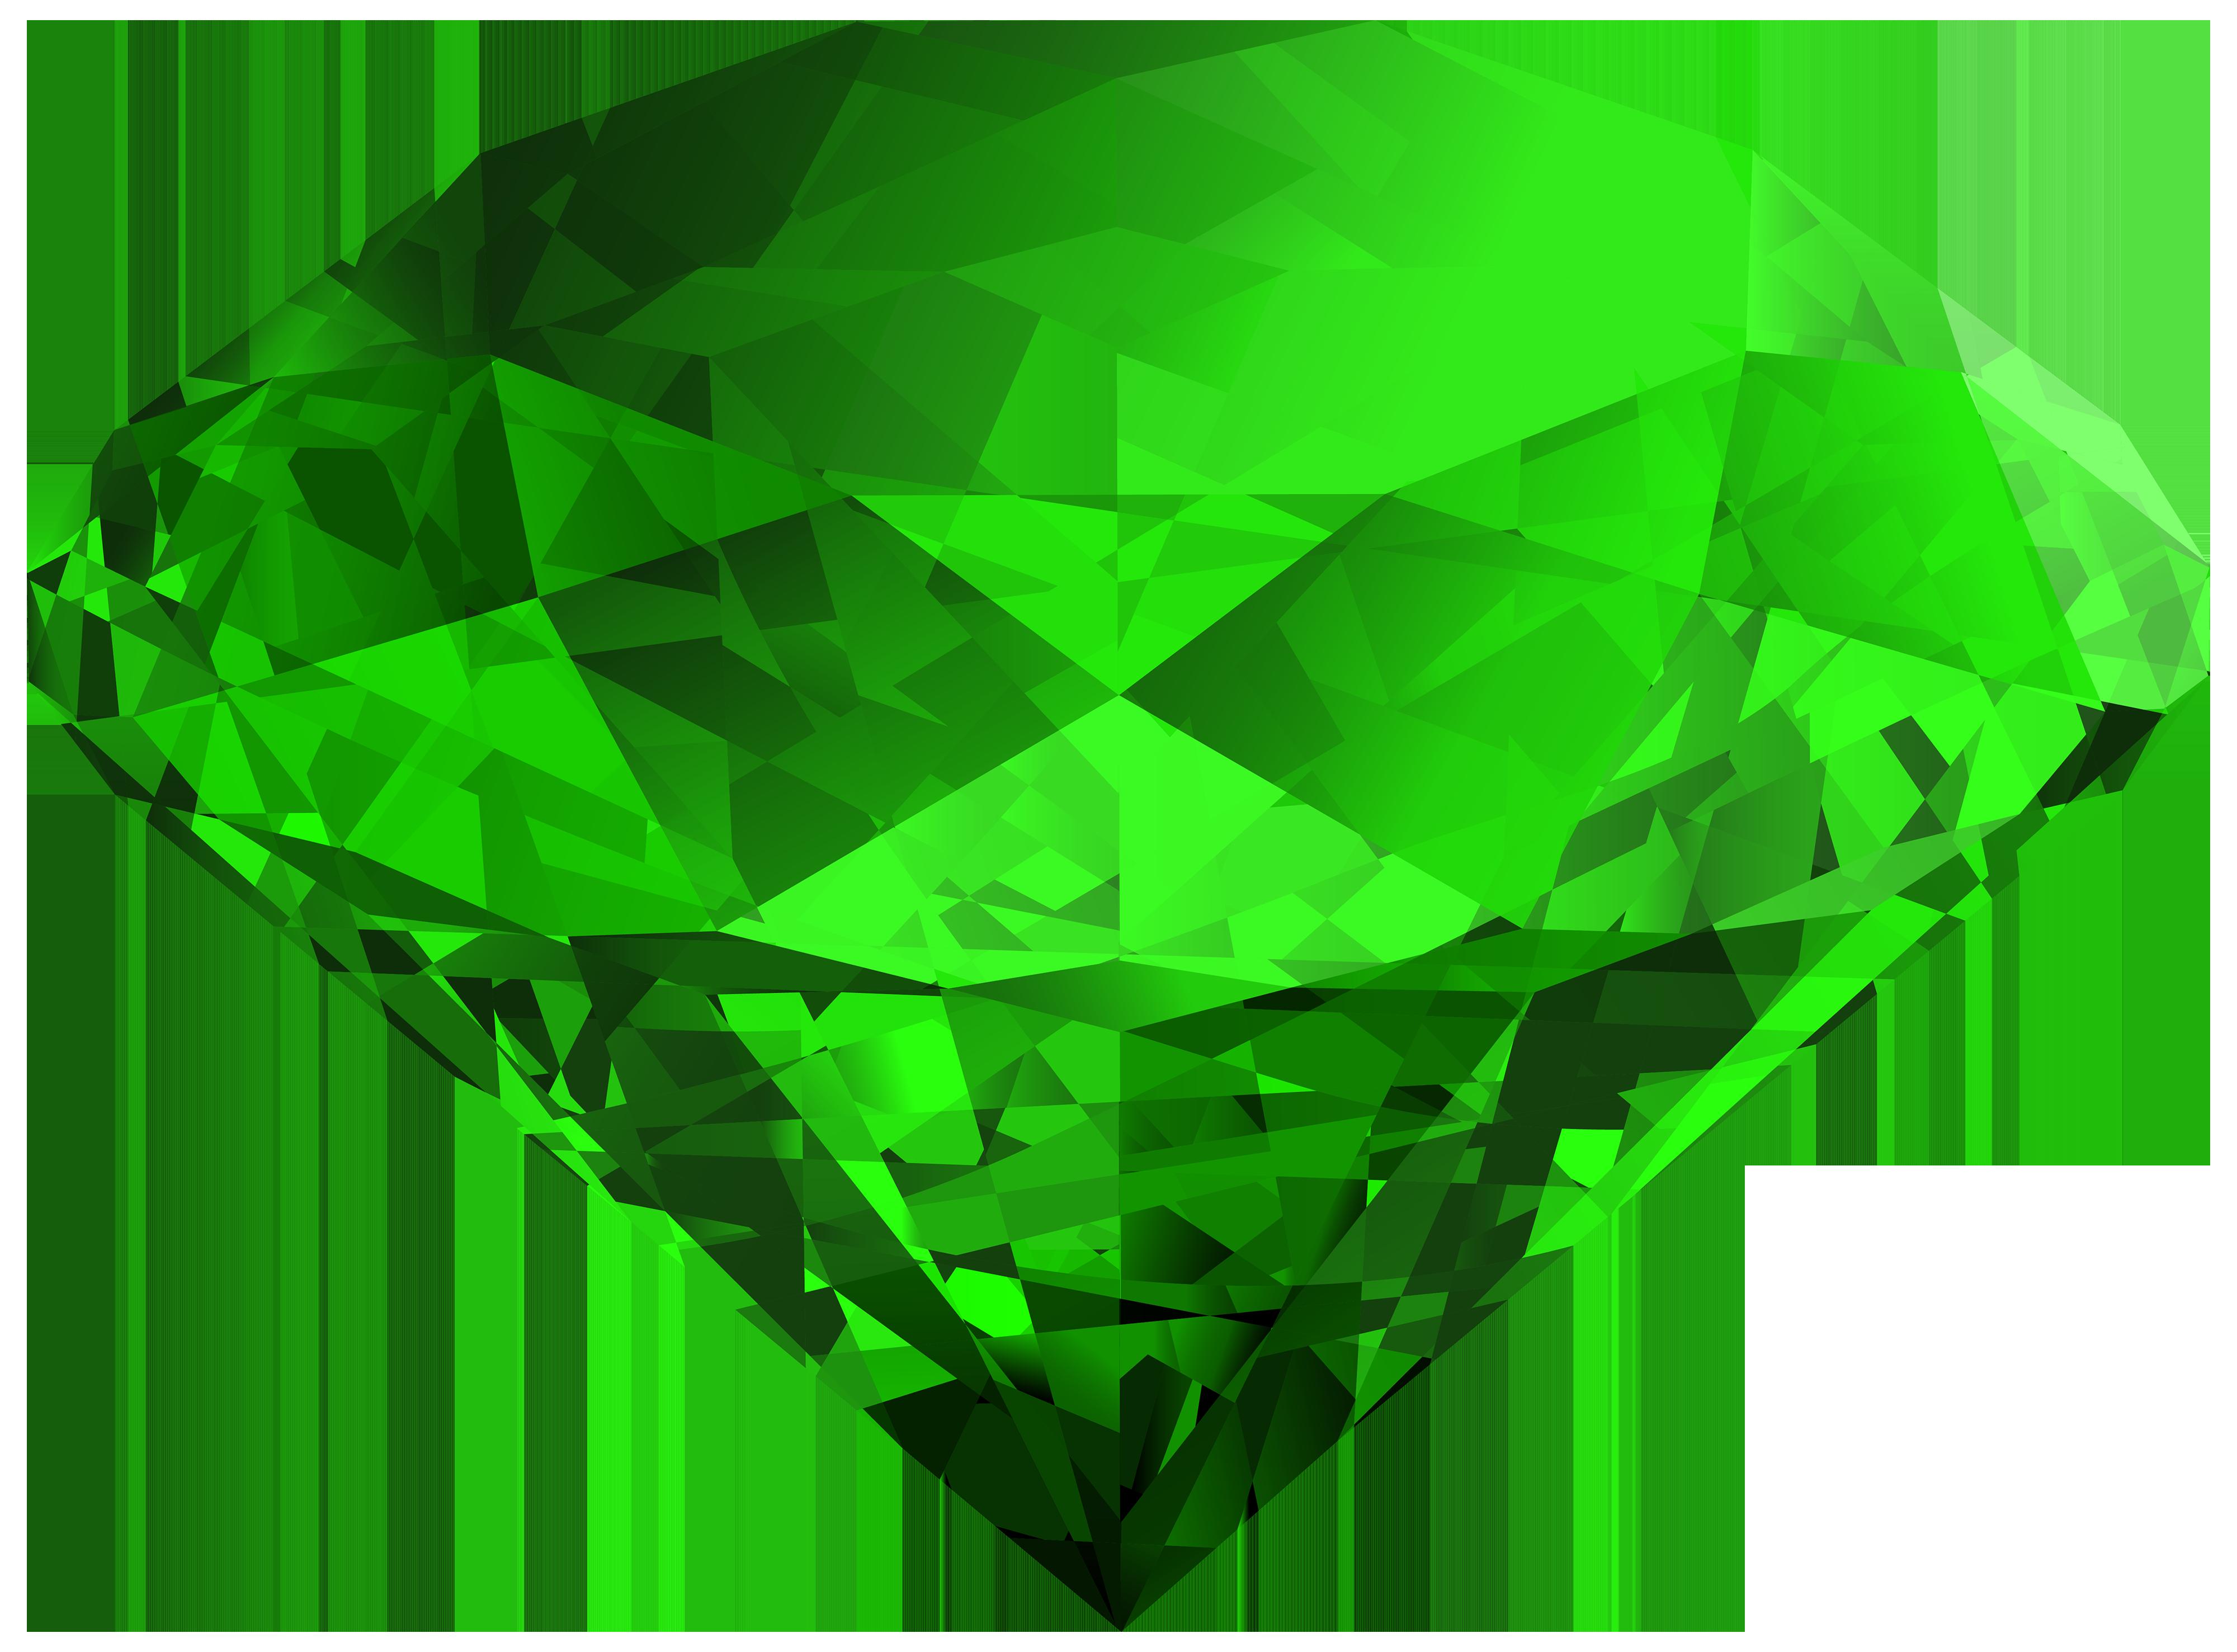 Green gem clipart.